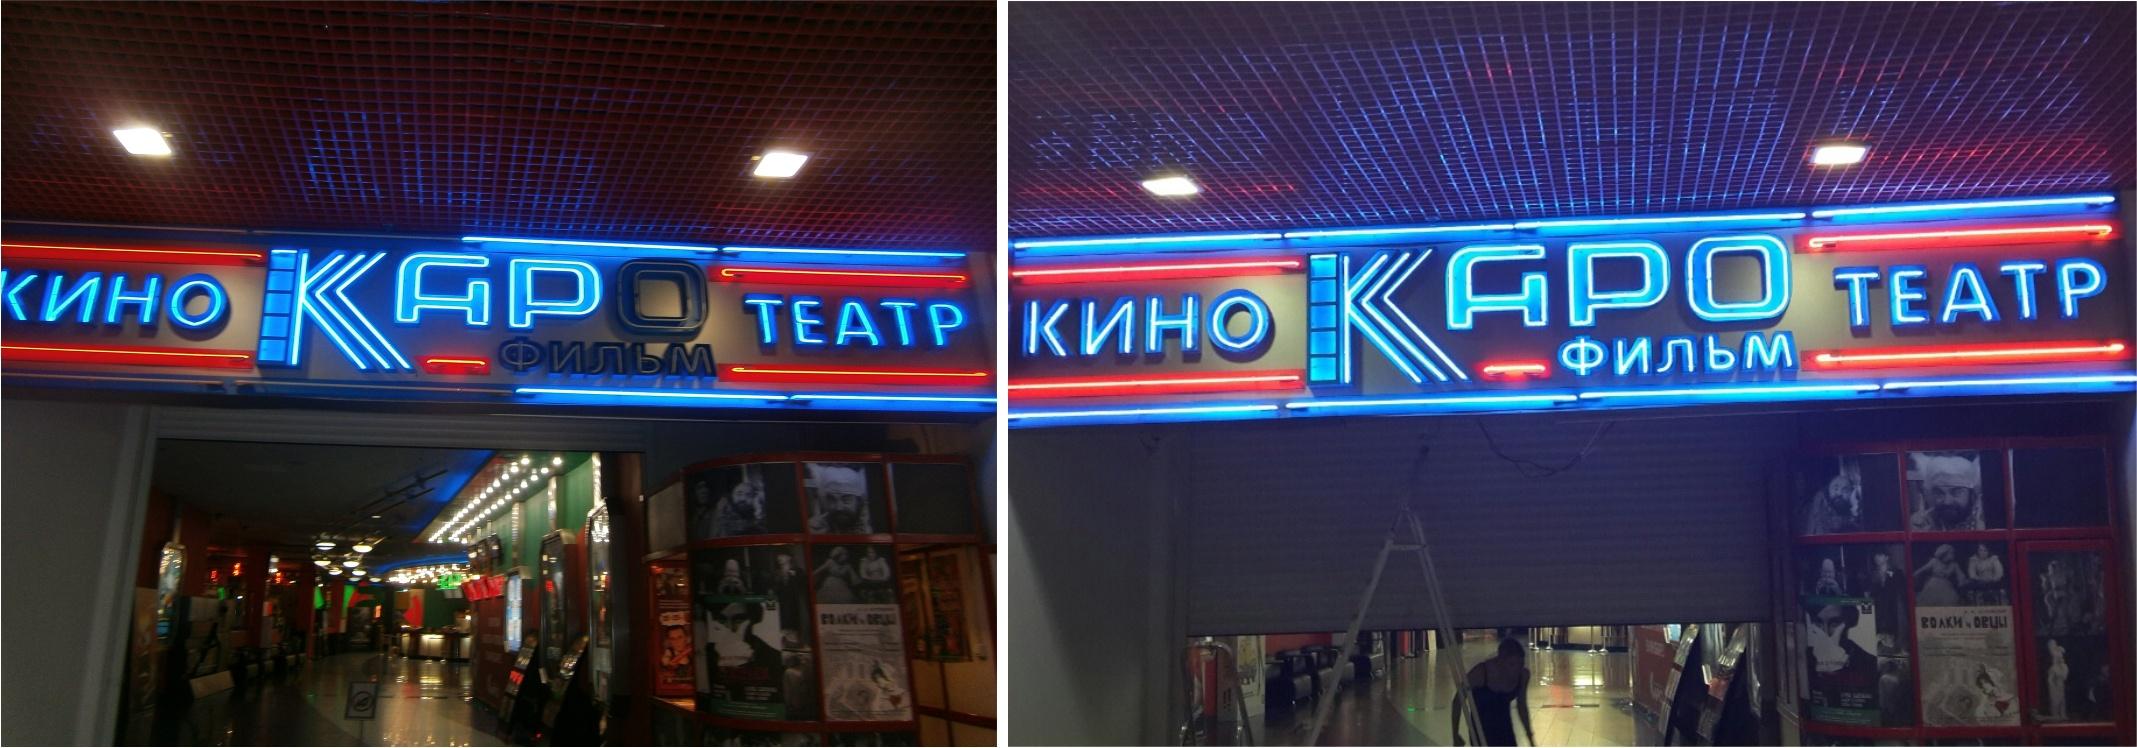 Неоновая вывеска до и после ремонта